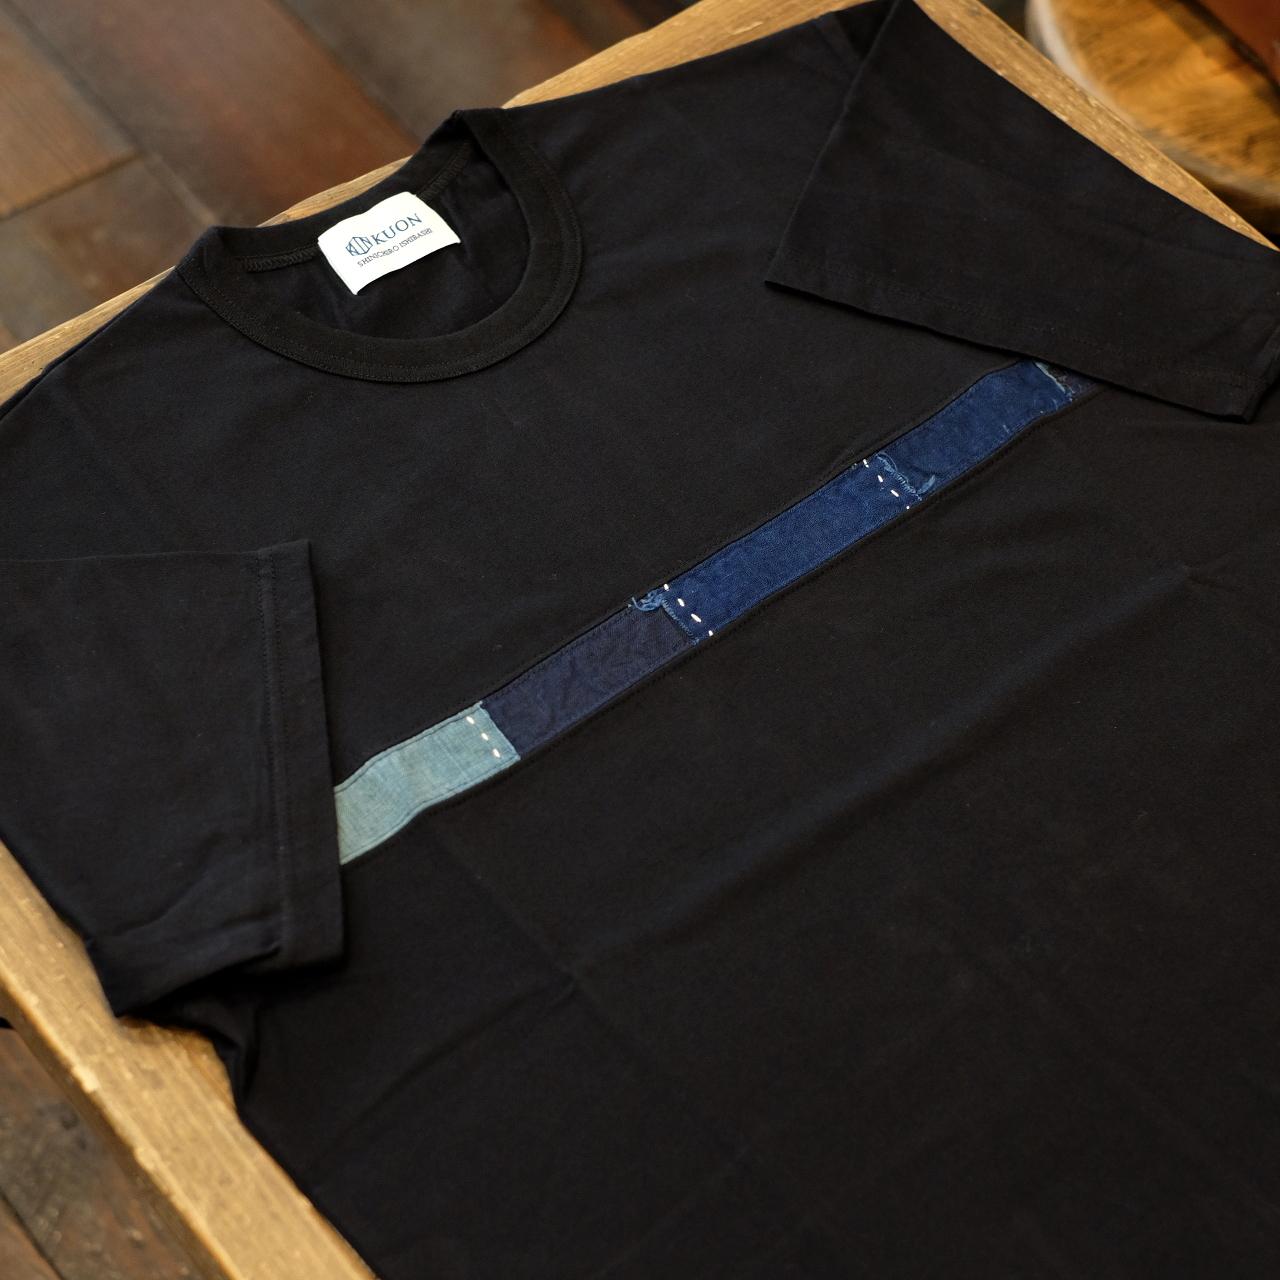 KUON(クオン) アップサイクル襤褸 トリミングTシャツ